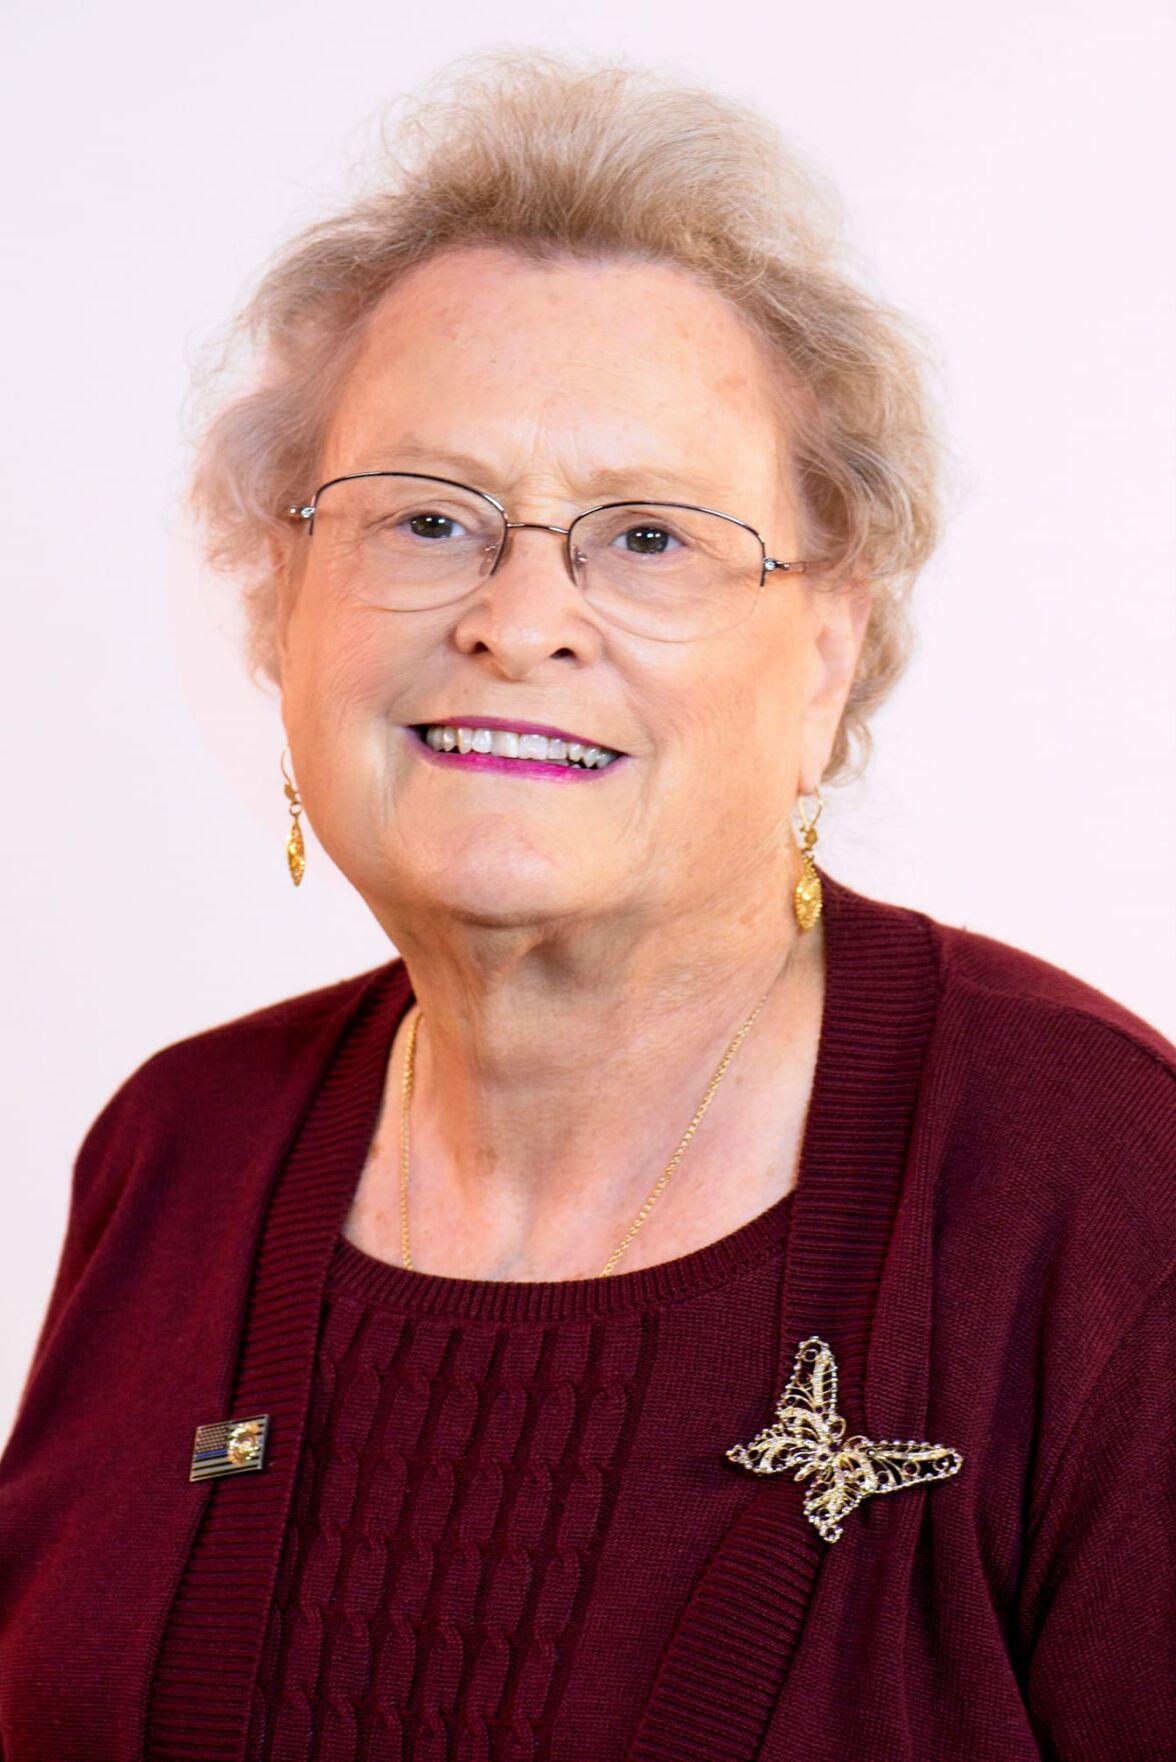 Leslee King